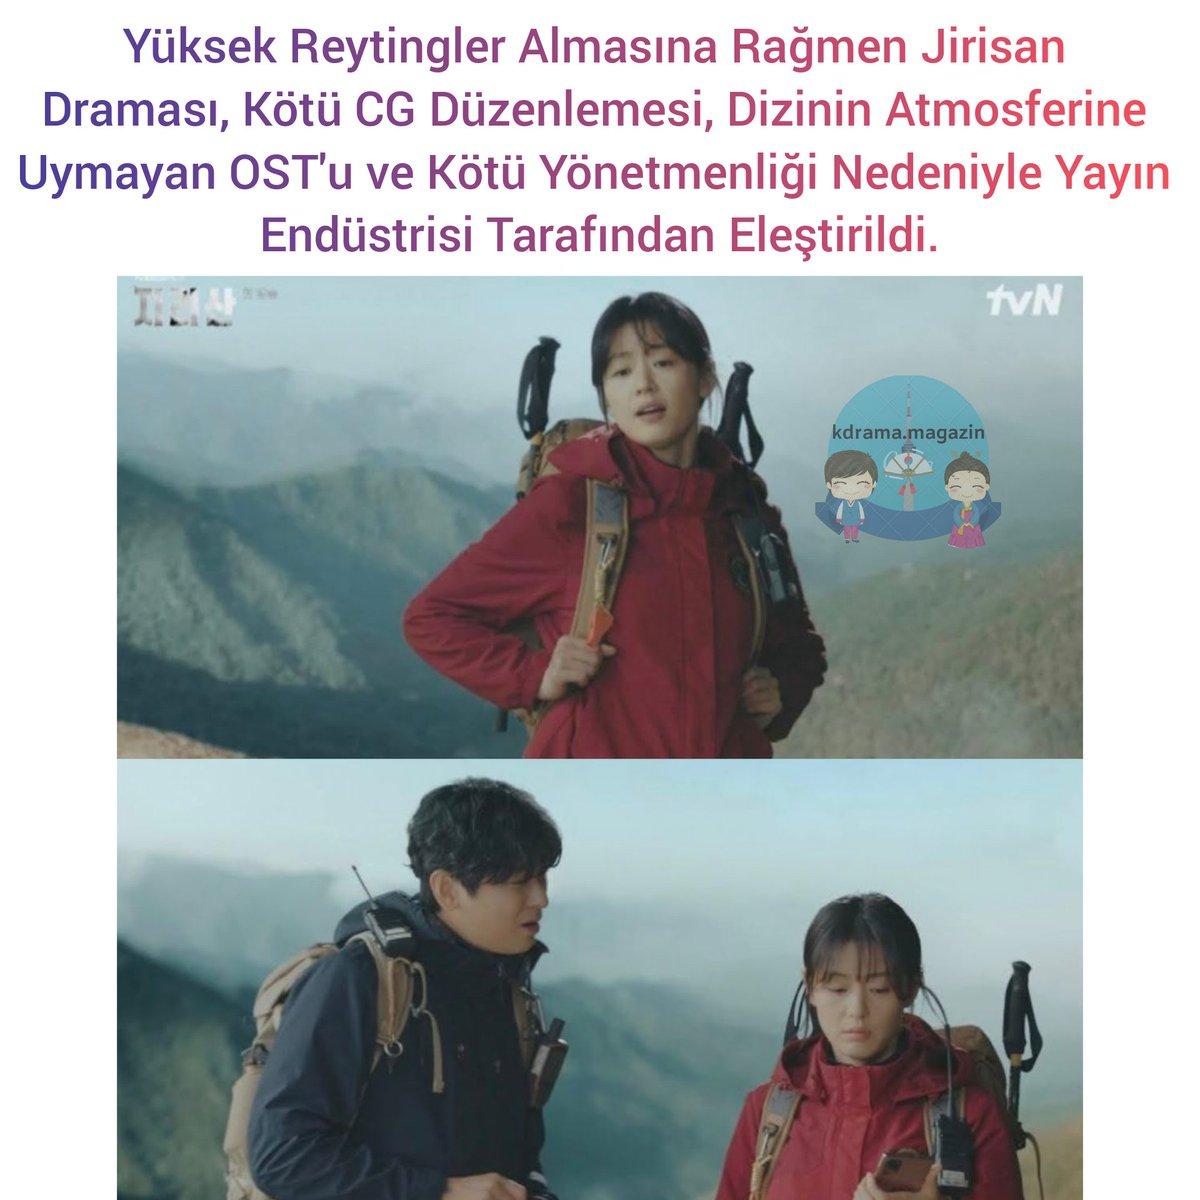 Yüksek Reytingler Almasına Rağmen #Jirisan Draması, Kötü CG Düzenlemesi, Dizinin Atmosferine Uymayan OST'u ve Kötü Yönetmenliği Nedeniyle Yayın Endüstrisi Tarafından Eleştirildi.